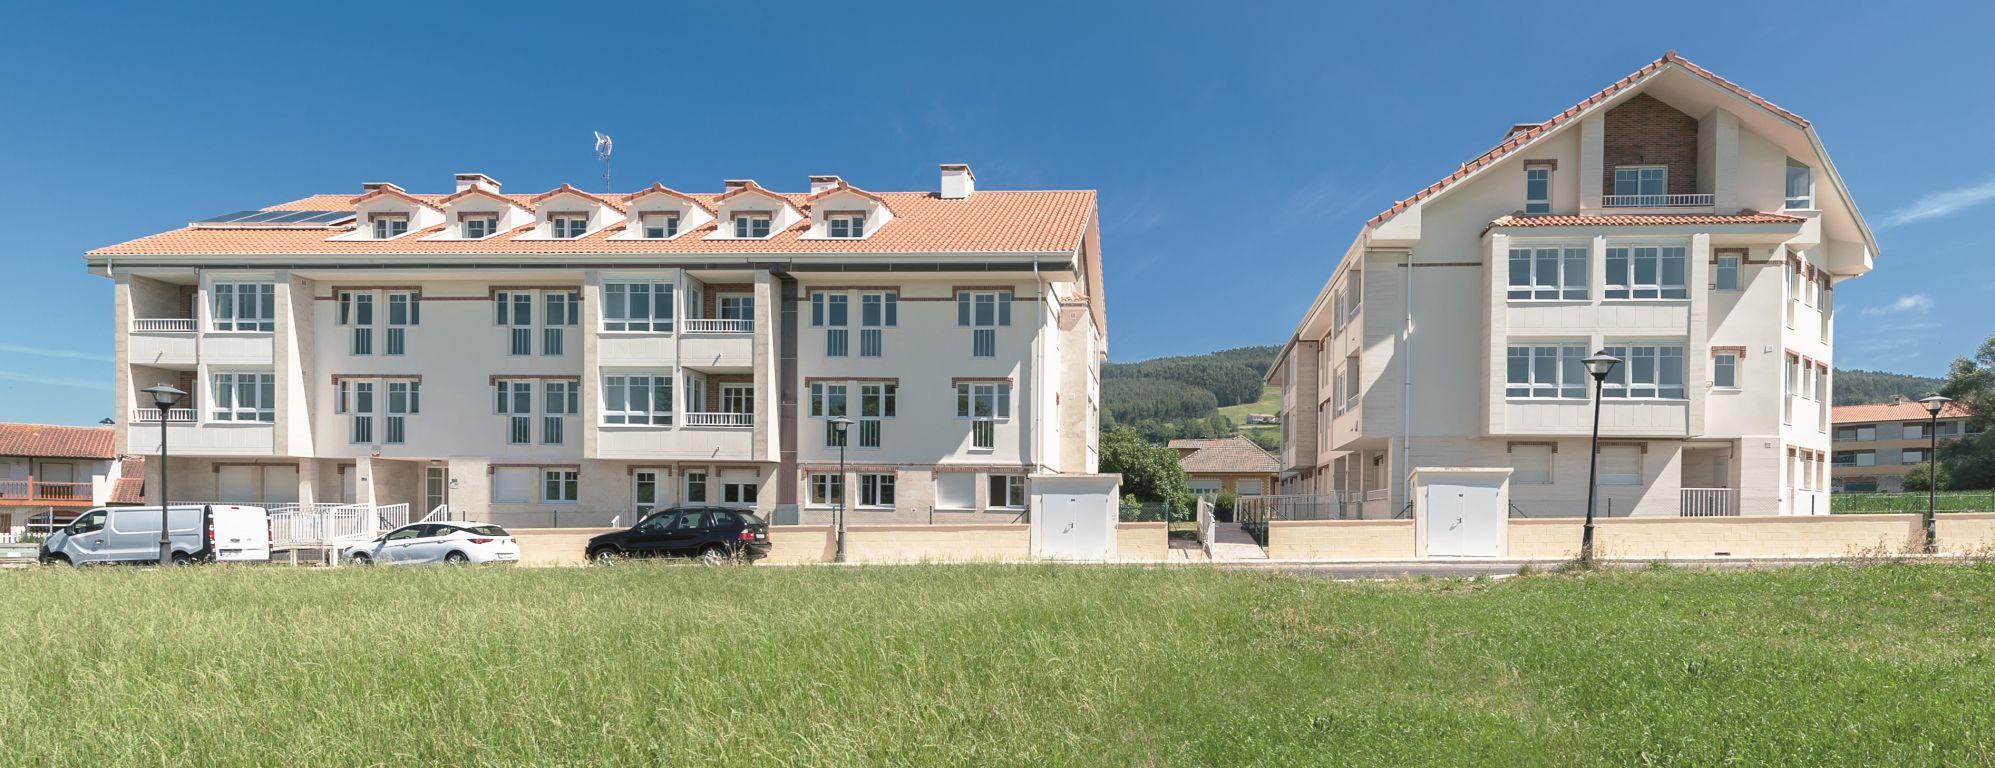 Planta baja en venta en San Mames De Meruelo  de 2 Habitaciones y 71 m2 por 76.000 €.